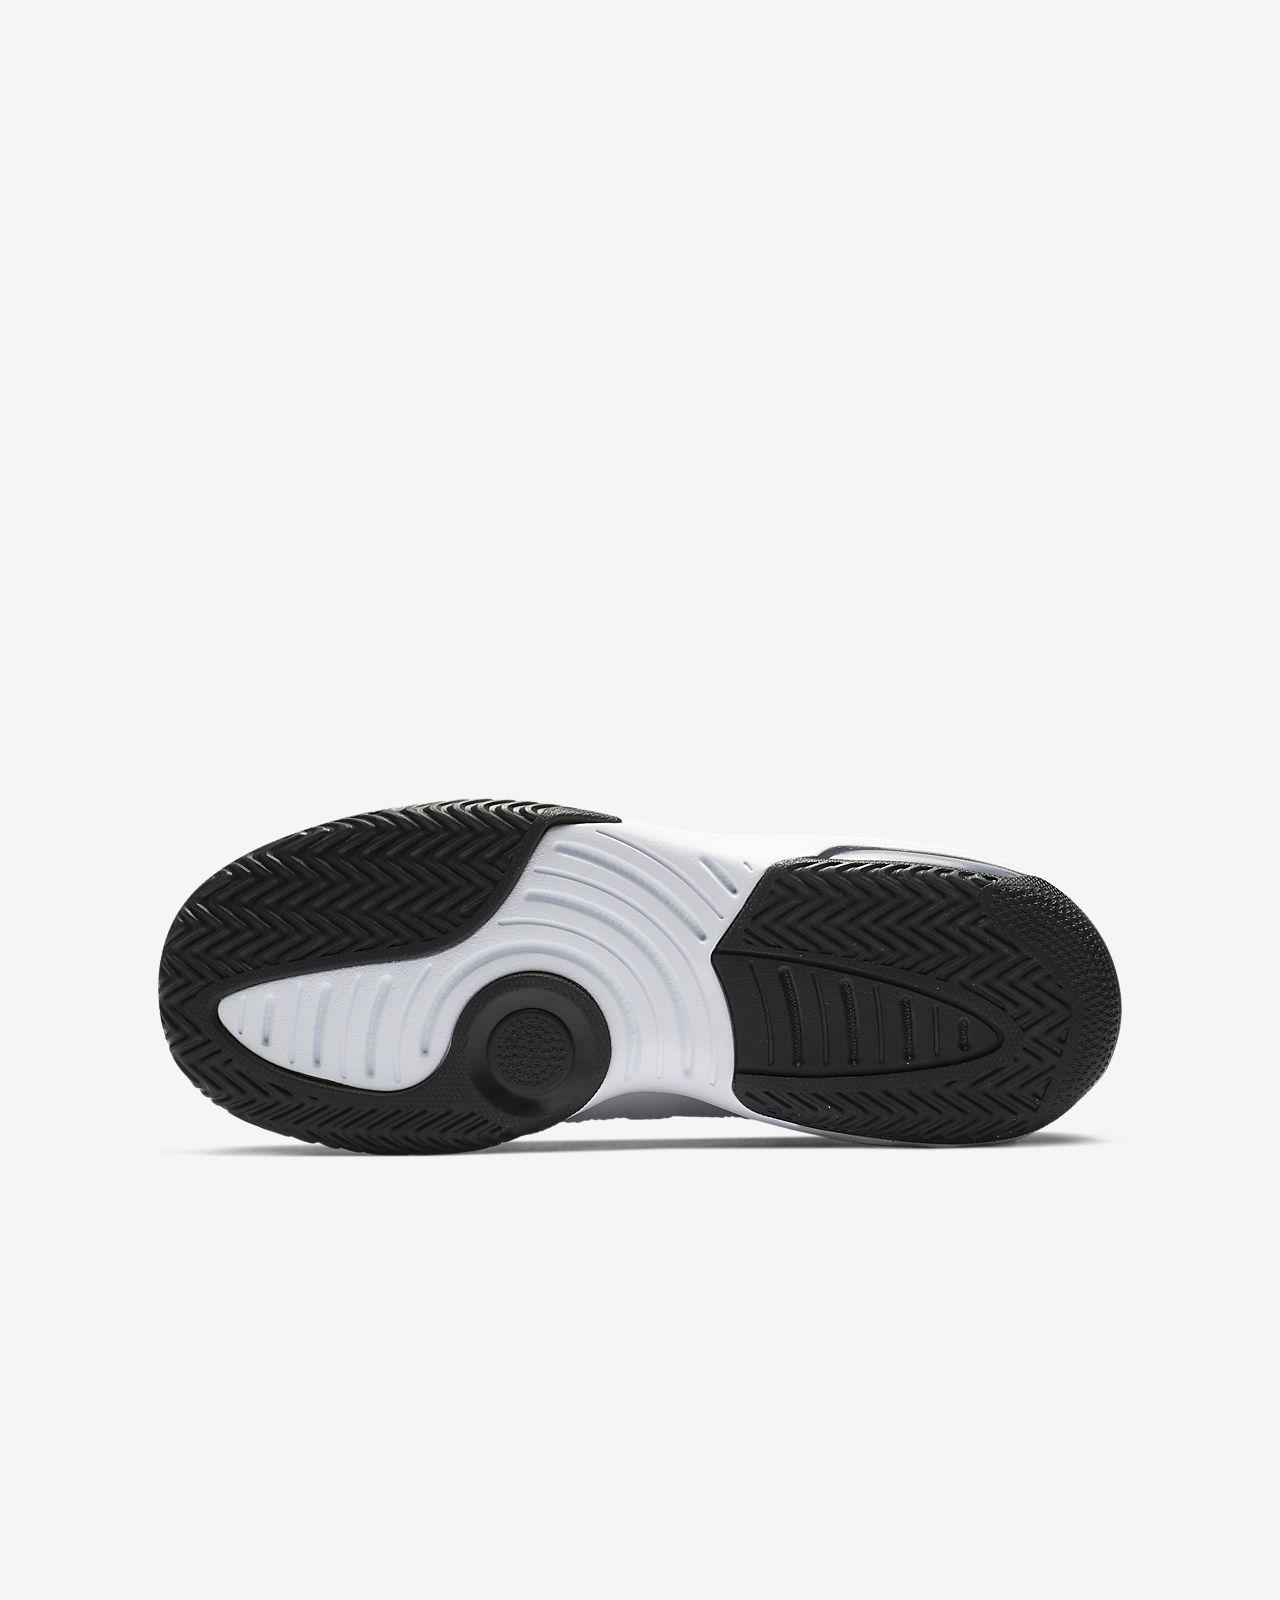 online store 421c1 30aa5 ... Jordan Max Aura Older Kids Shoe